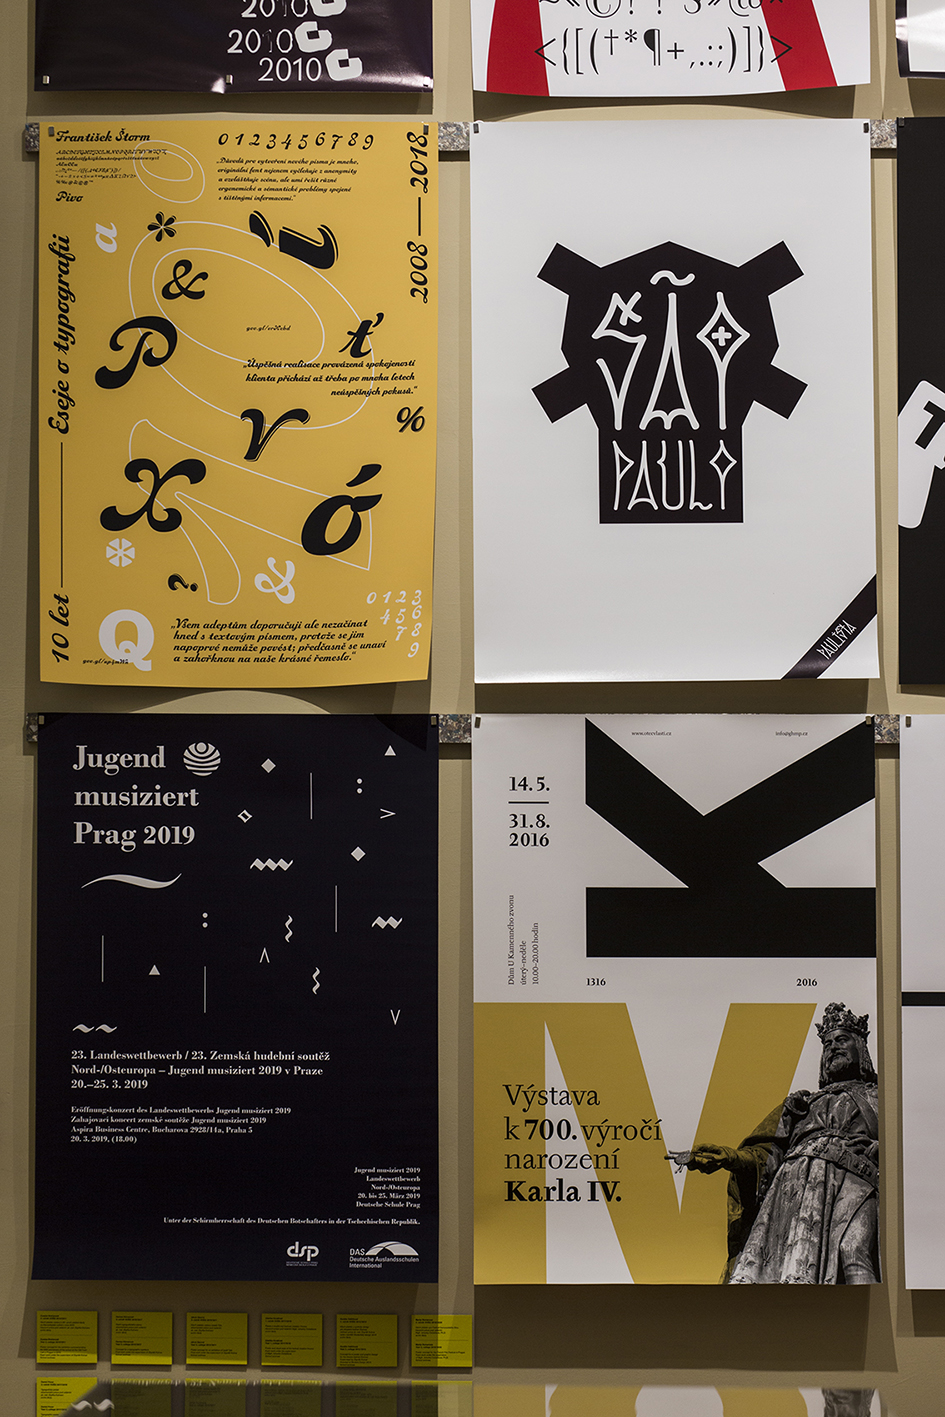 Výroční výstava v Uměleckoprůmyslovém museu v Praze<br>1. 10. 2020 — 17. 1. 2021